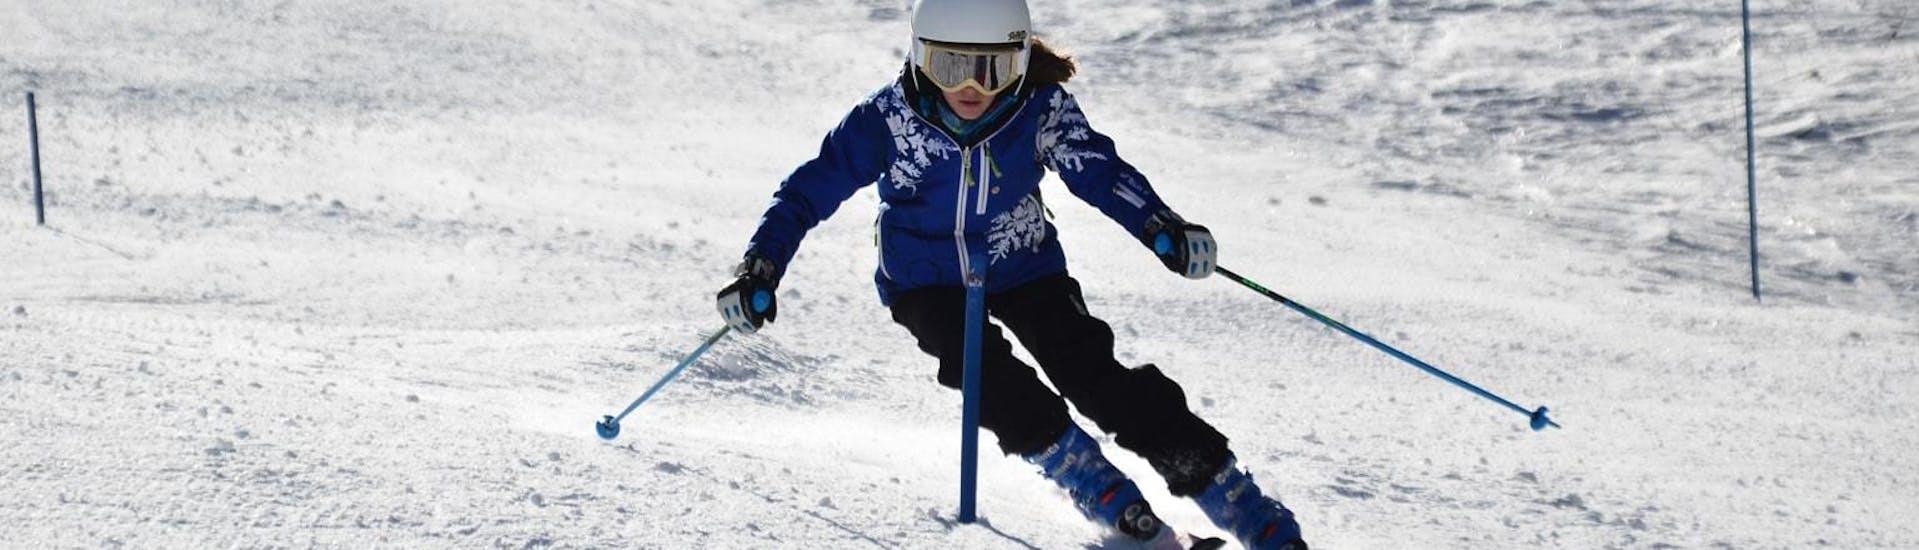 Une jeune femme travaille sur le ski parallèle pendant un Cours de ski pour Adultes - Haute-Saison - Tous Niveaux organisé par Scuola di Sci Bardonecchia.